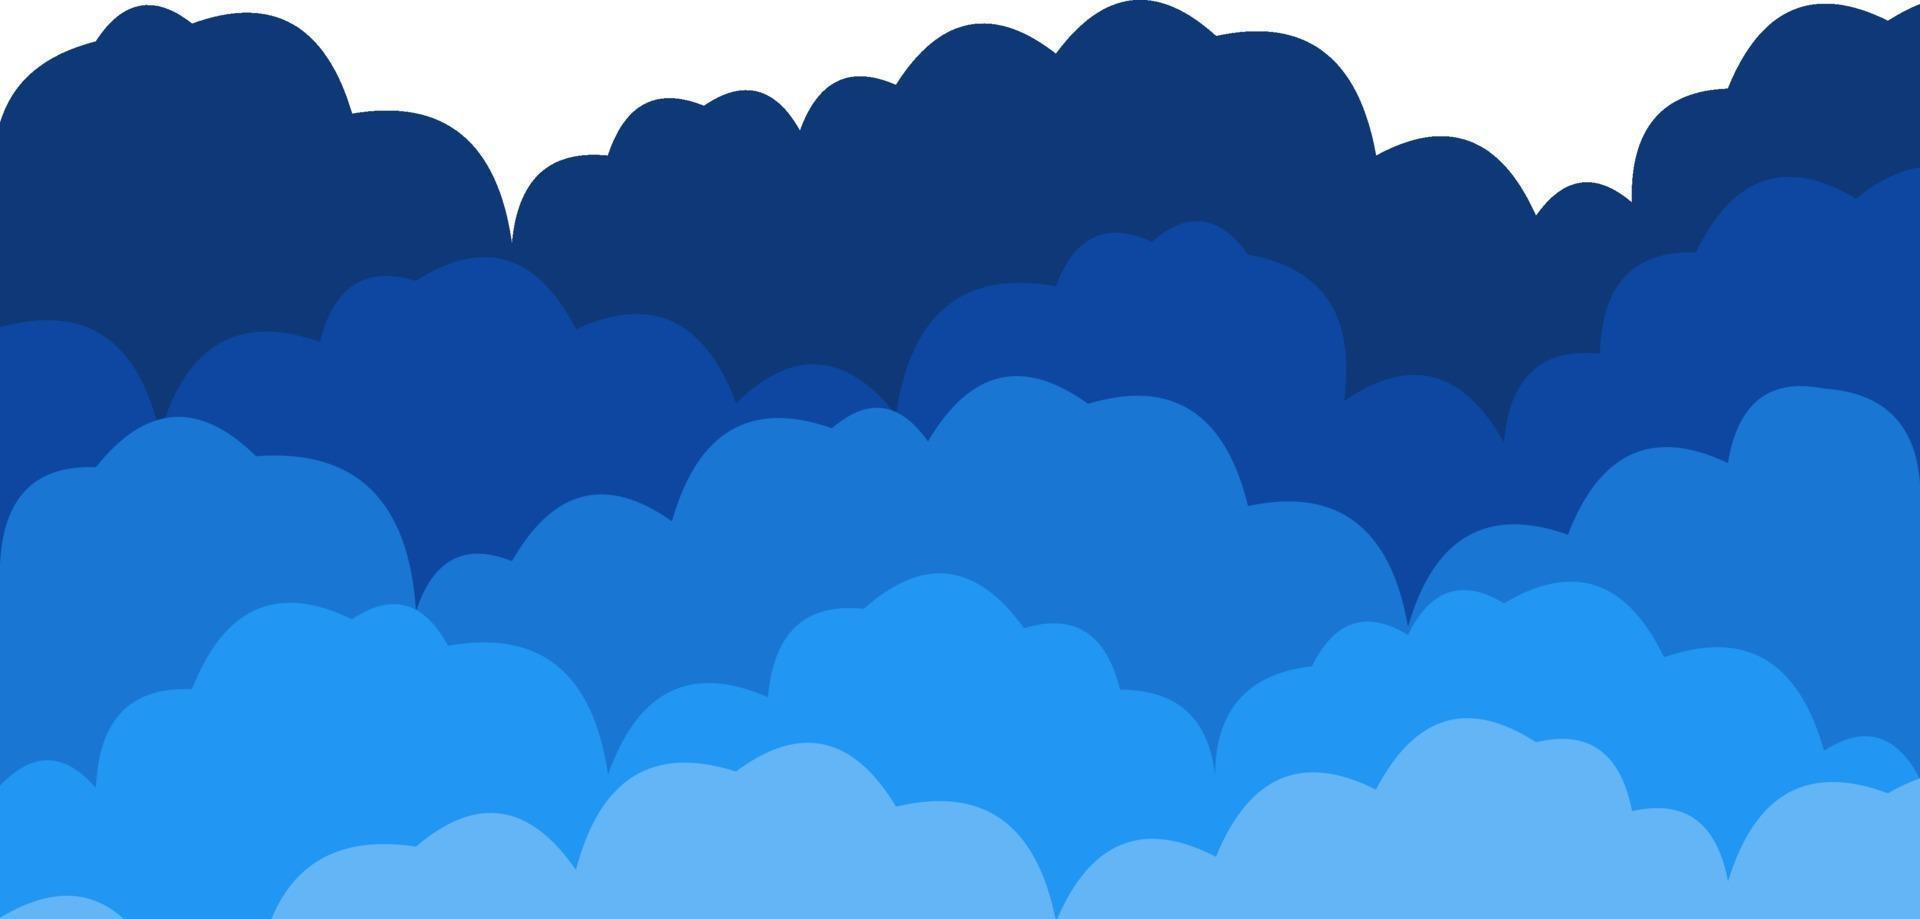 fundo de cinco fileiras de nuvens coloridas vetor